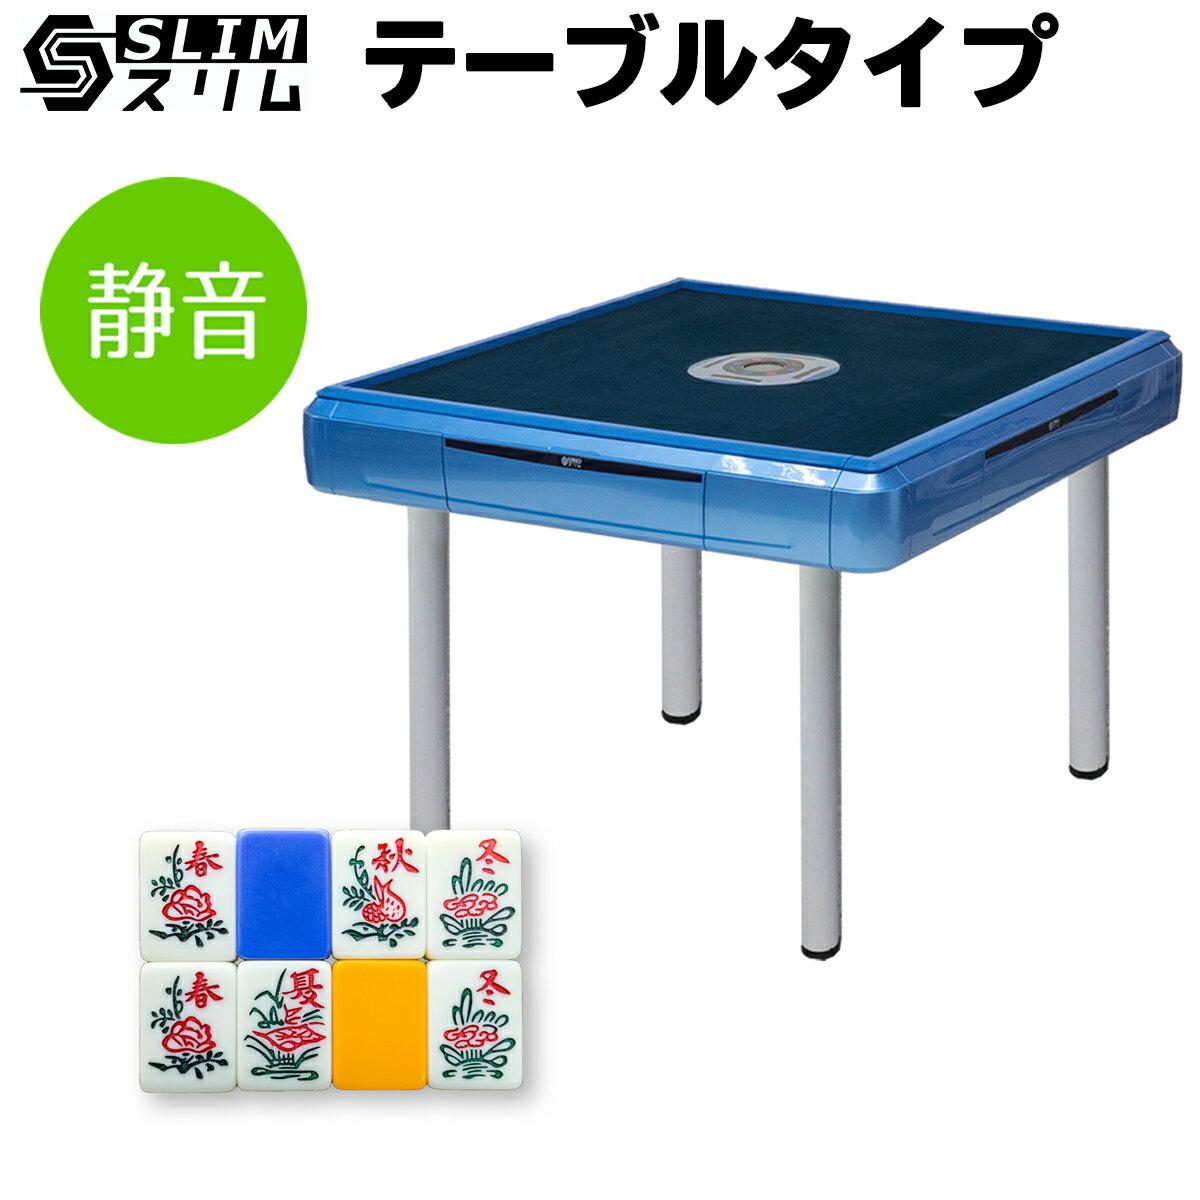 全自動麻雀卓 スリム テーブル 花牌セット 【静音 軽量】